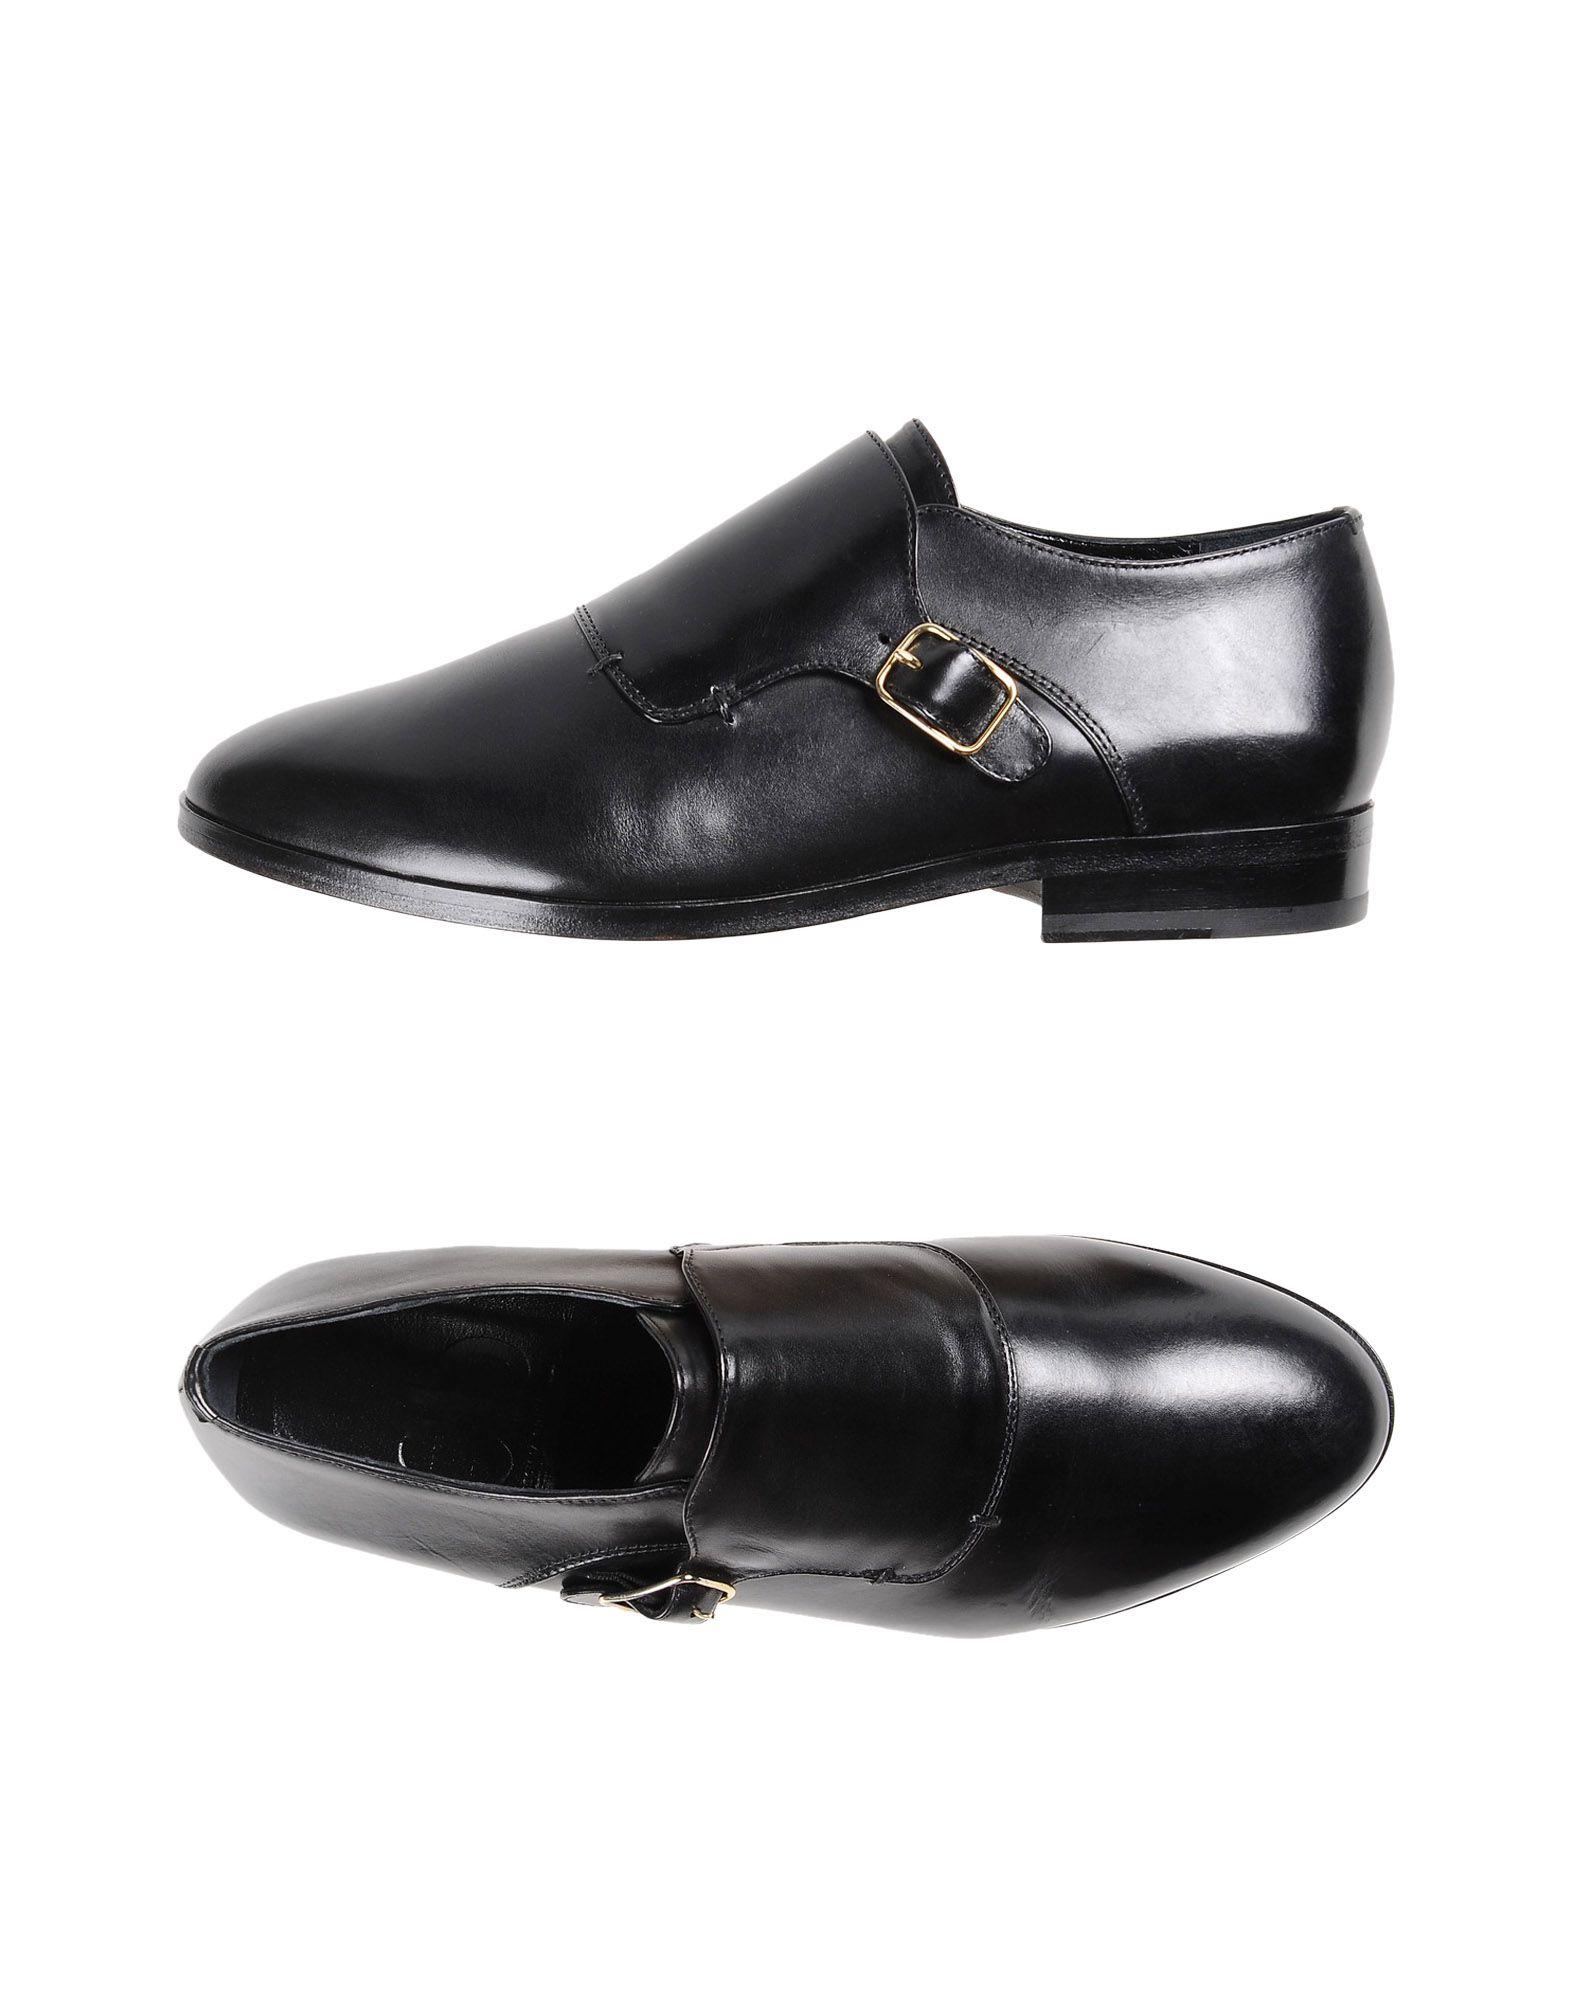 CB CECILIA BRINGHELI Loafers in Black